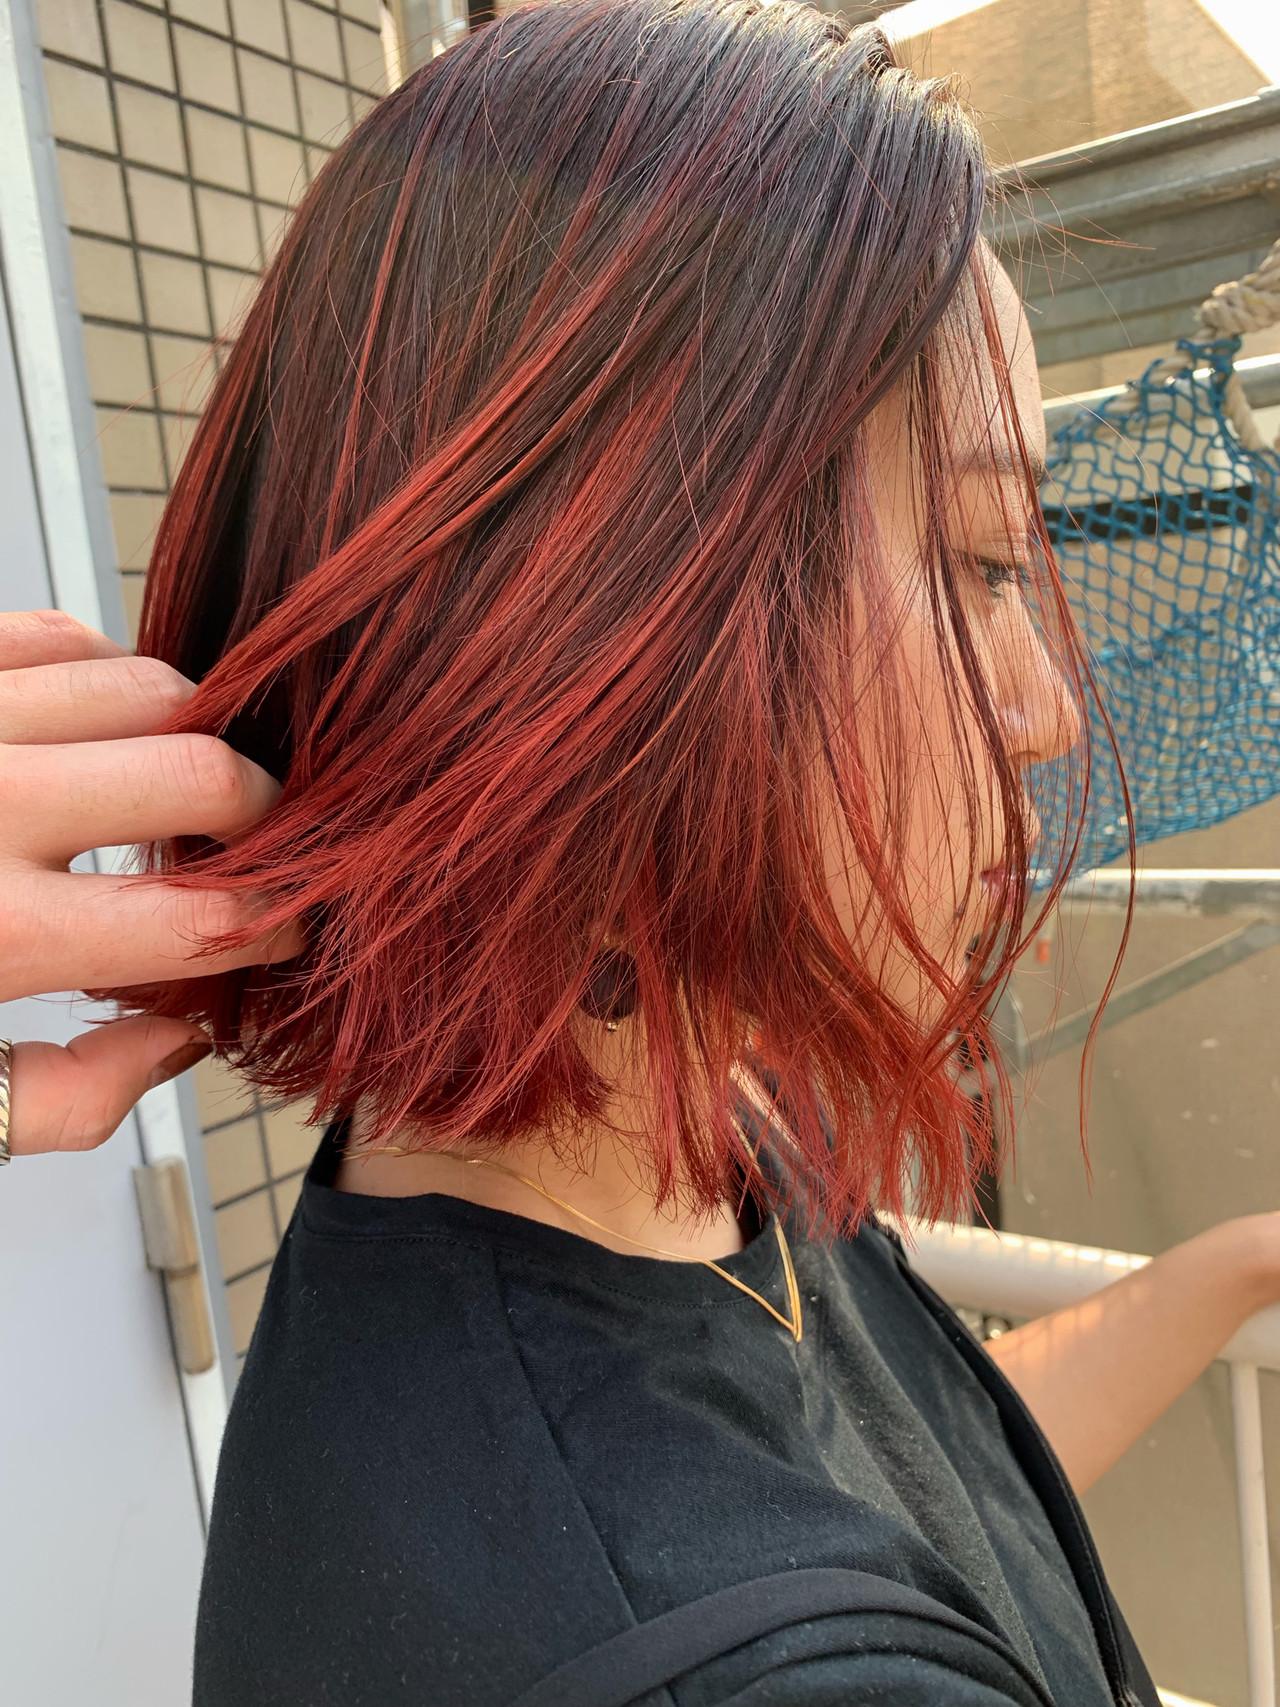 ストリート レッドカラー ボブ 3Dハイライト ヘアスタイルや髪型の写真・画像 | MORNING.miya/@1031miya / HAIR MORNING.